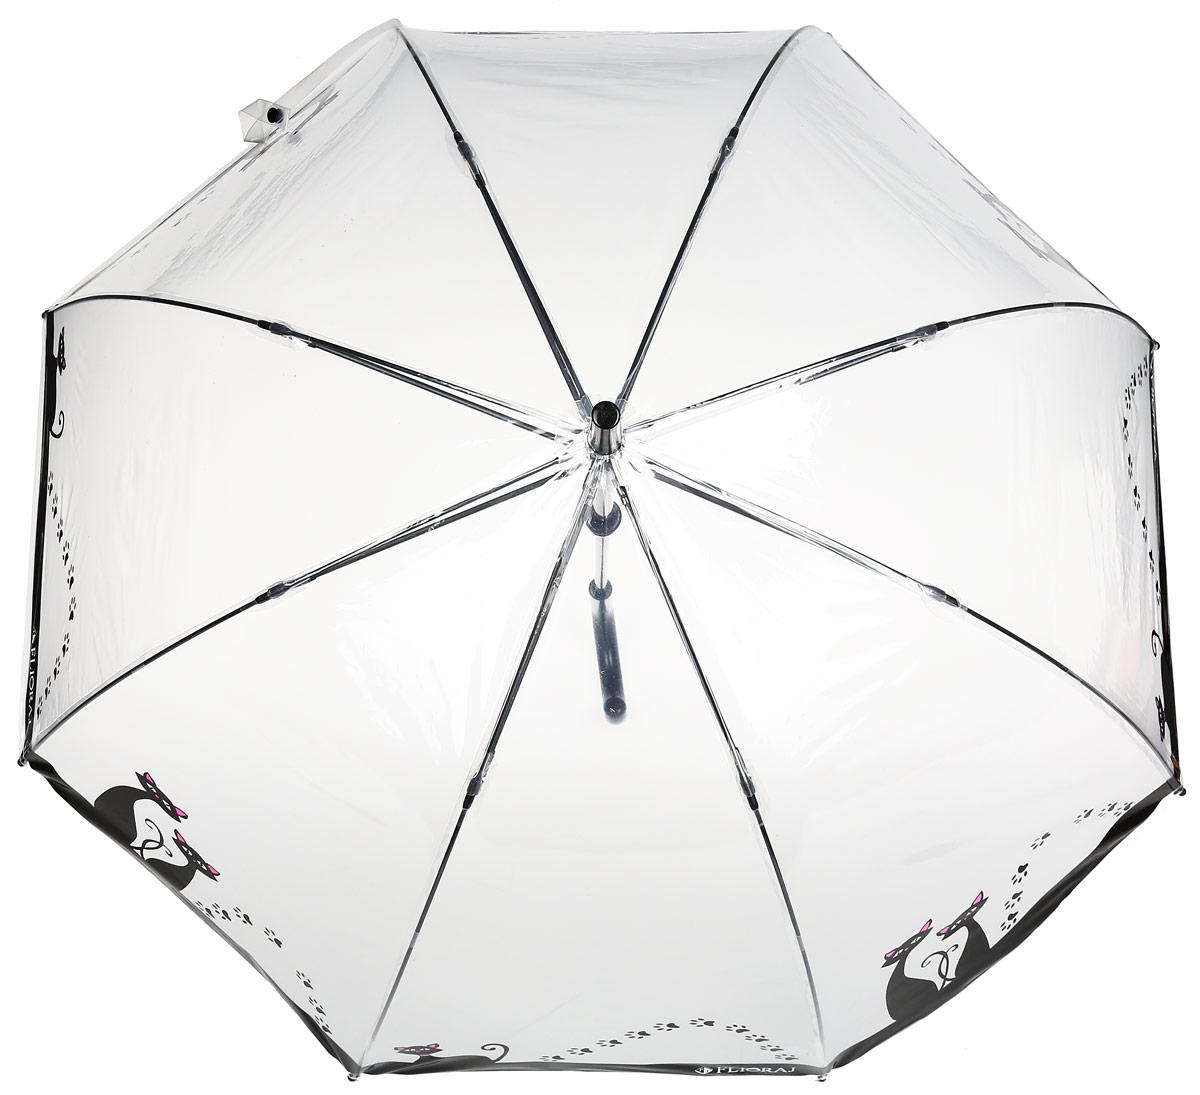 Зонт-трость женский Flioraj, механика, цвет: прозрачный, черный. 121205 FJ121205 FJОригинальный зонт-трость Flioraj надежно защитит вас от дождя. Прозрачный купол выполнен из высококачественного ПВХ, который не пропускает воду. Каркас зонта и спицы выполнены из высококачественного металла. Зонт имеет механический тип сложения: открывается и закрывается вручную до характерного щелчка. Удобная ручка выполнена из пластика.